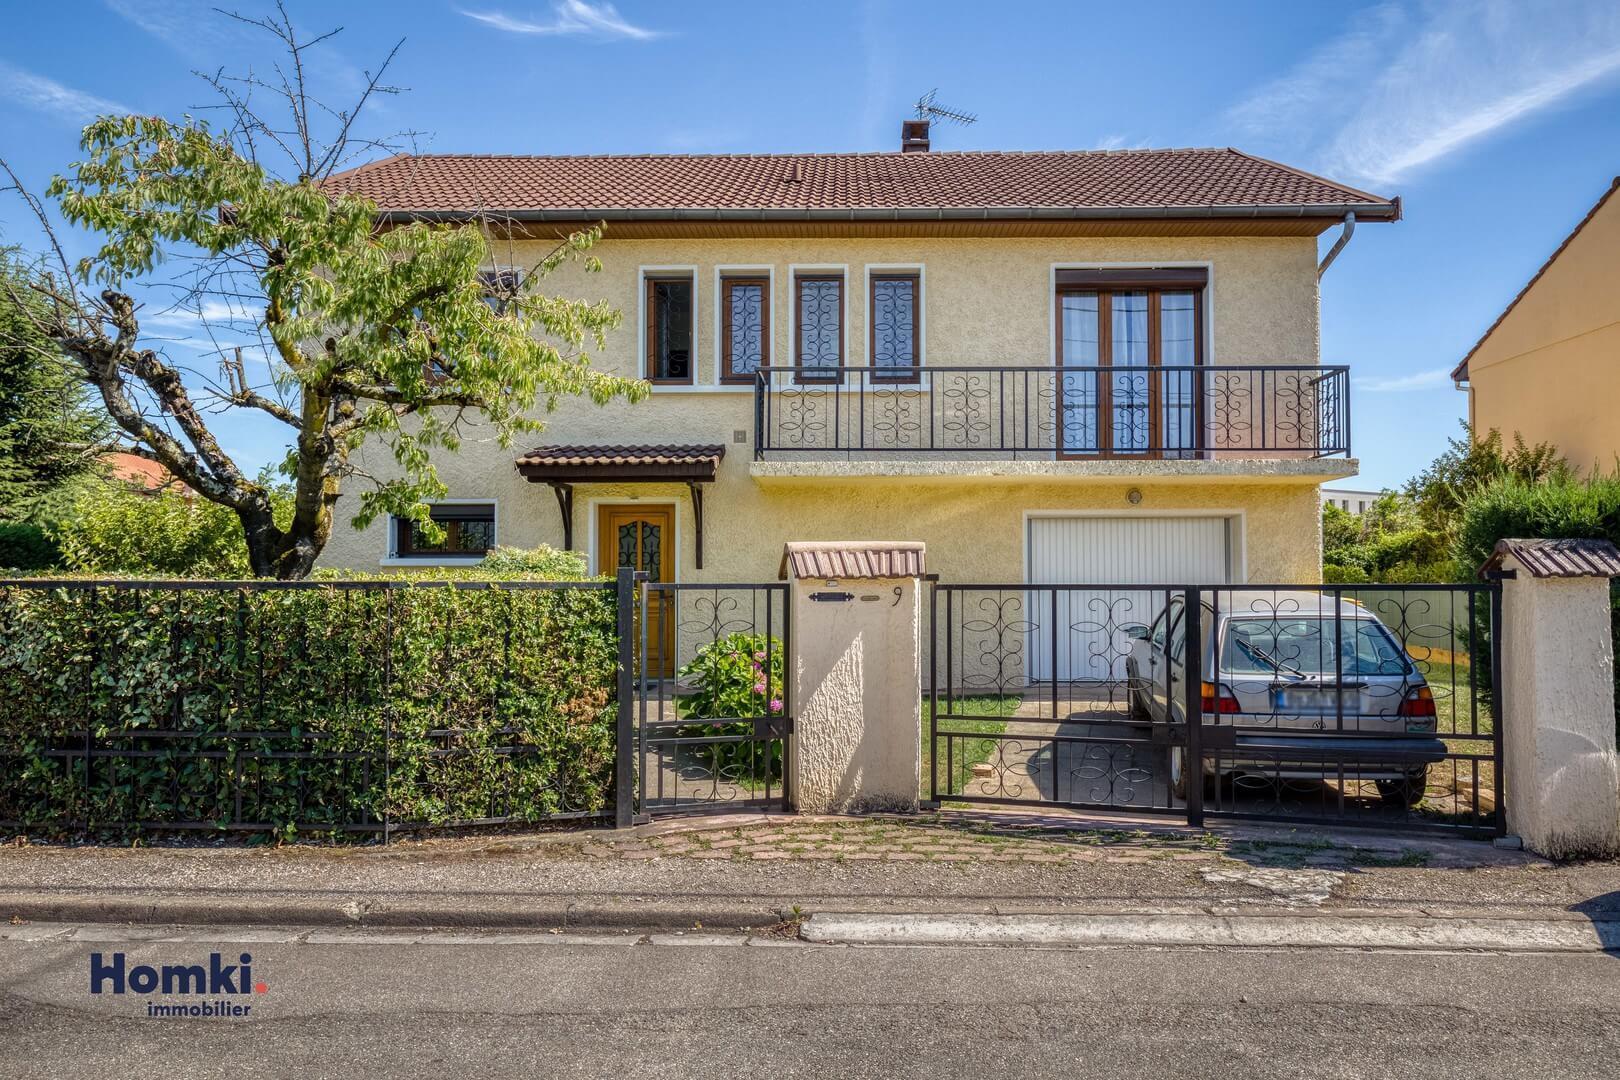 Vente maison 140m² T6 69800_12